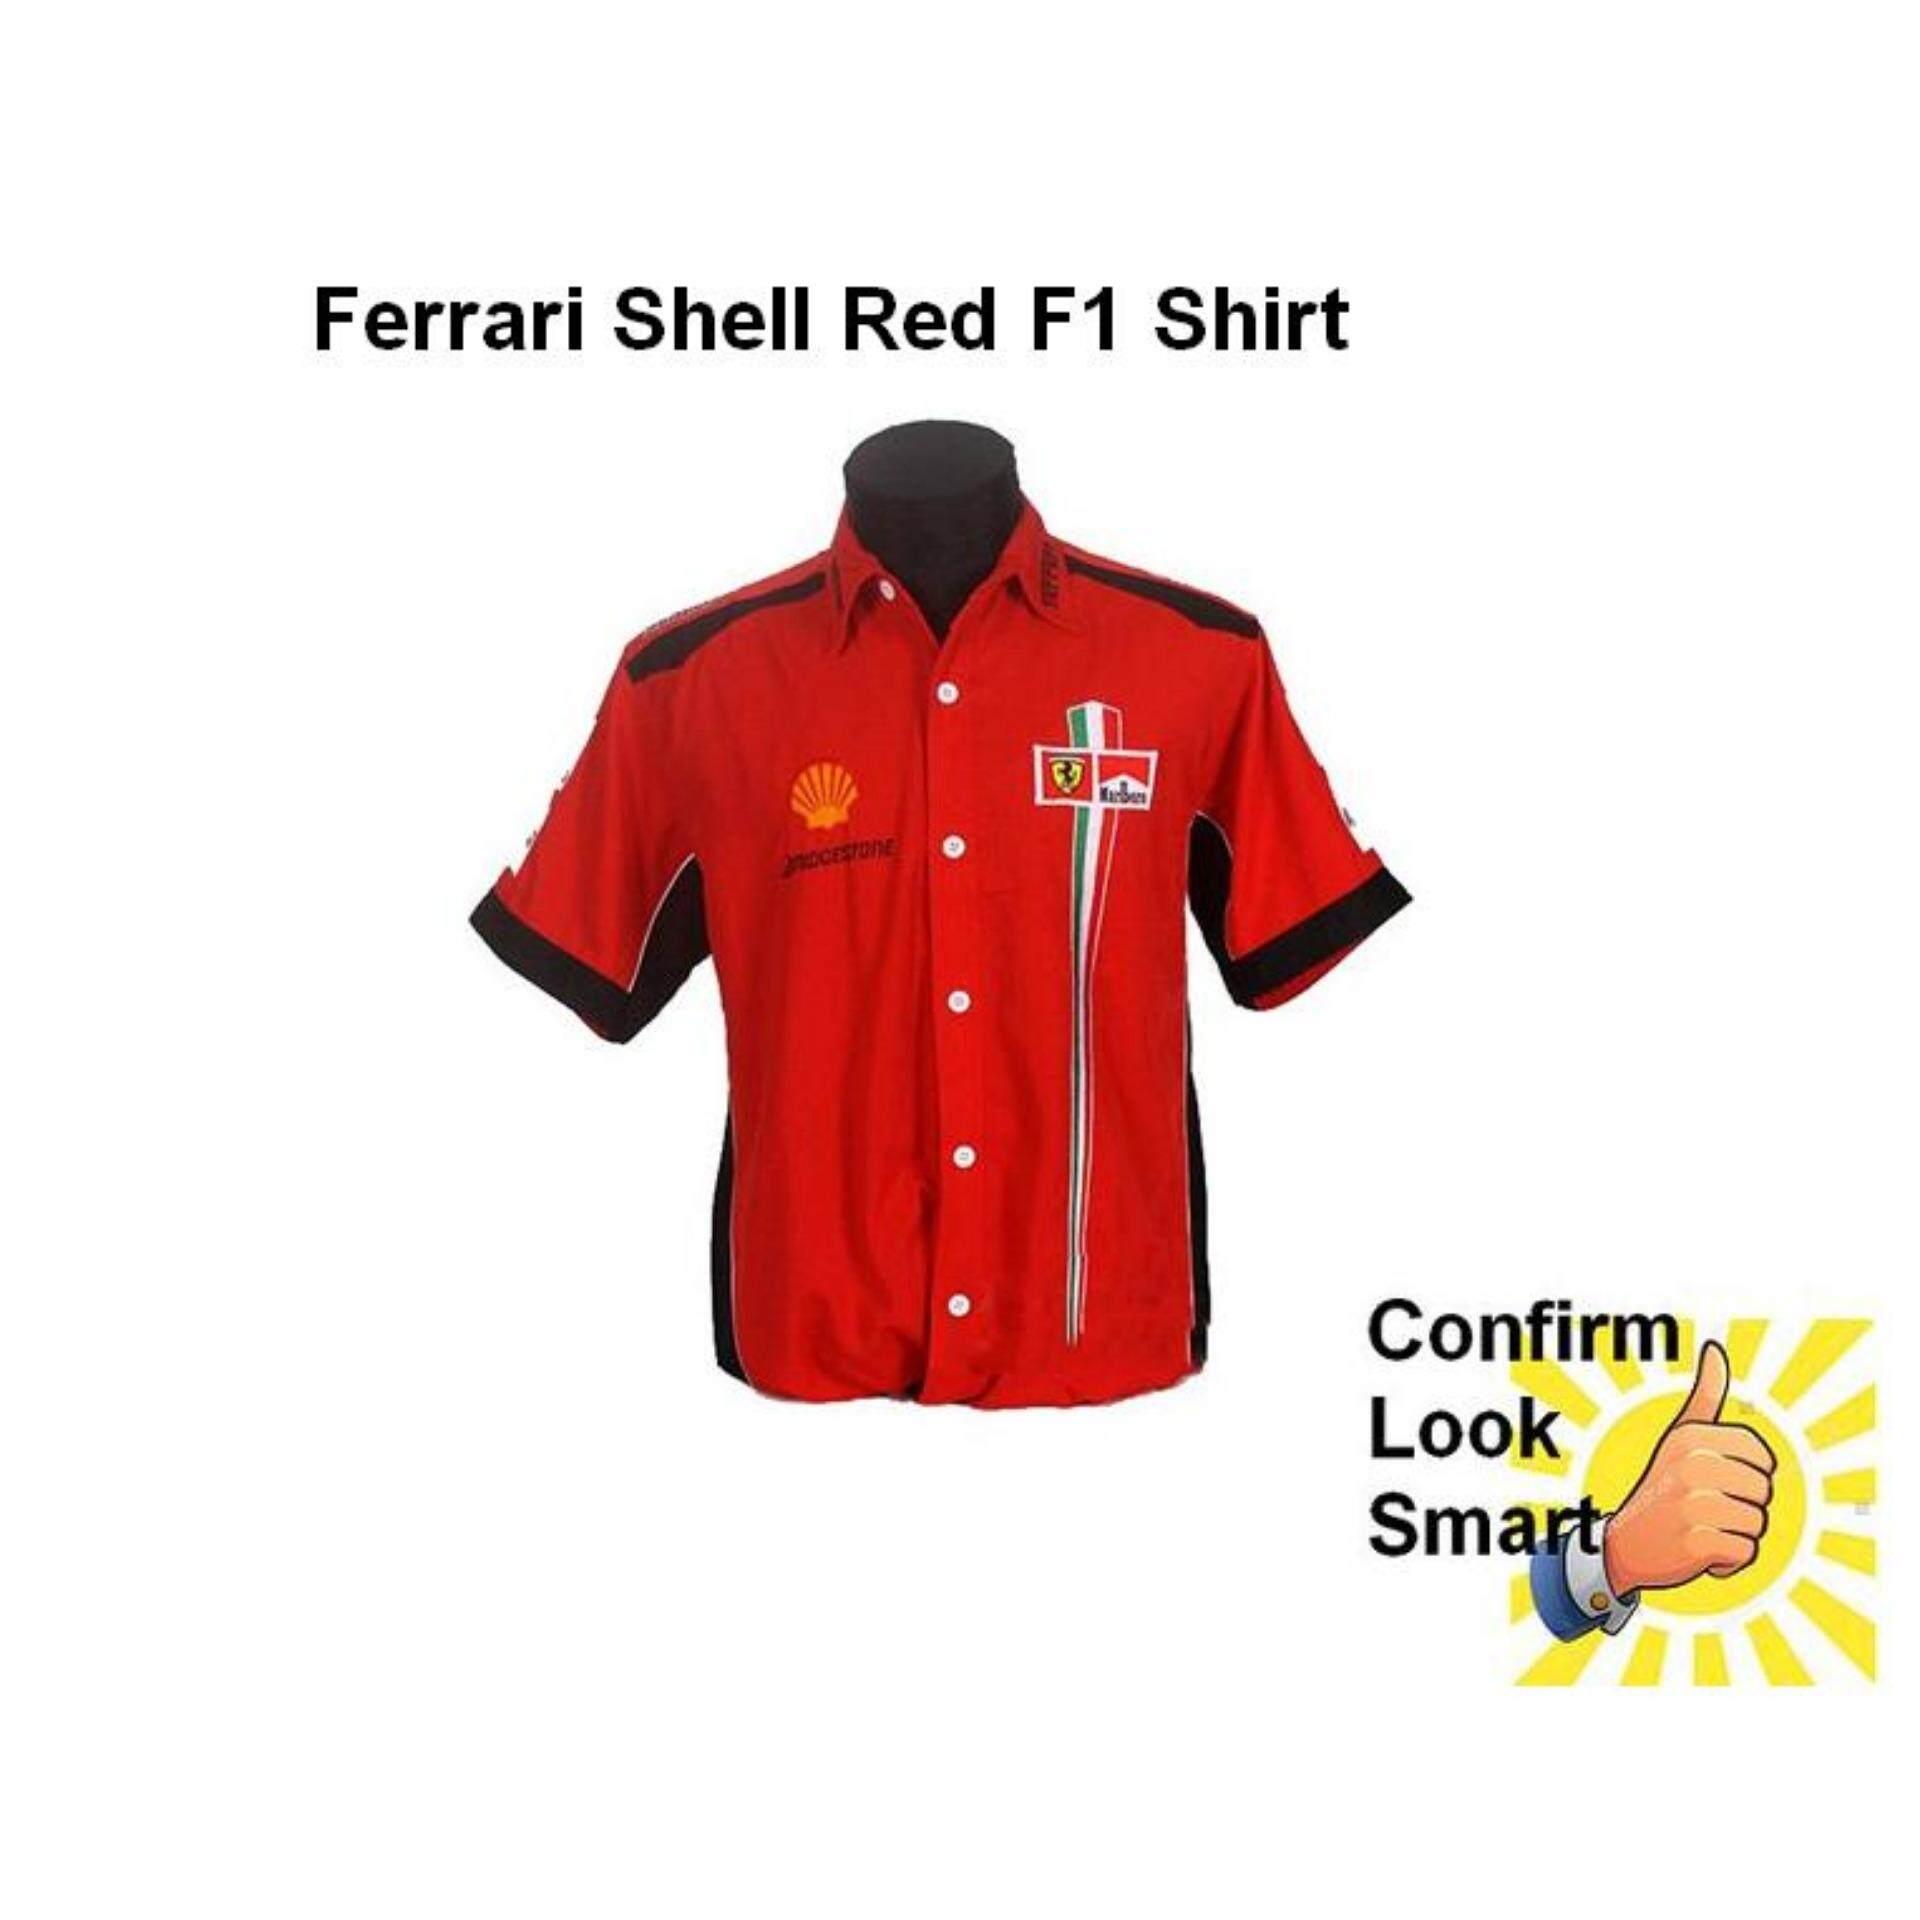 ferrari red uk sch schumacher michael shirt sis formula white